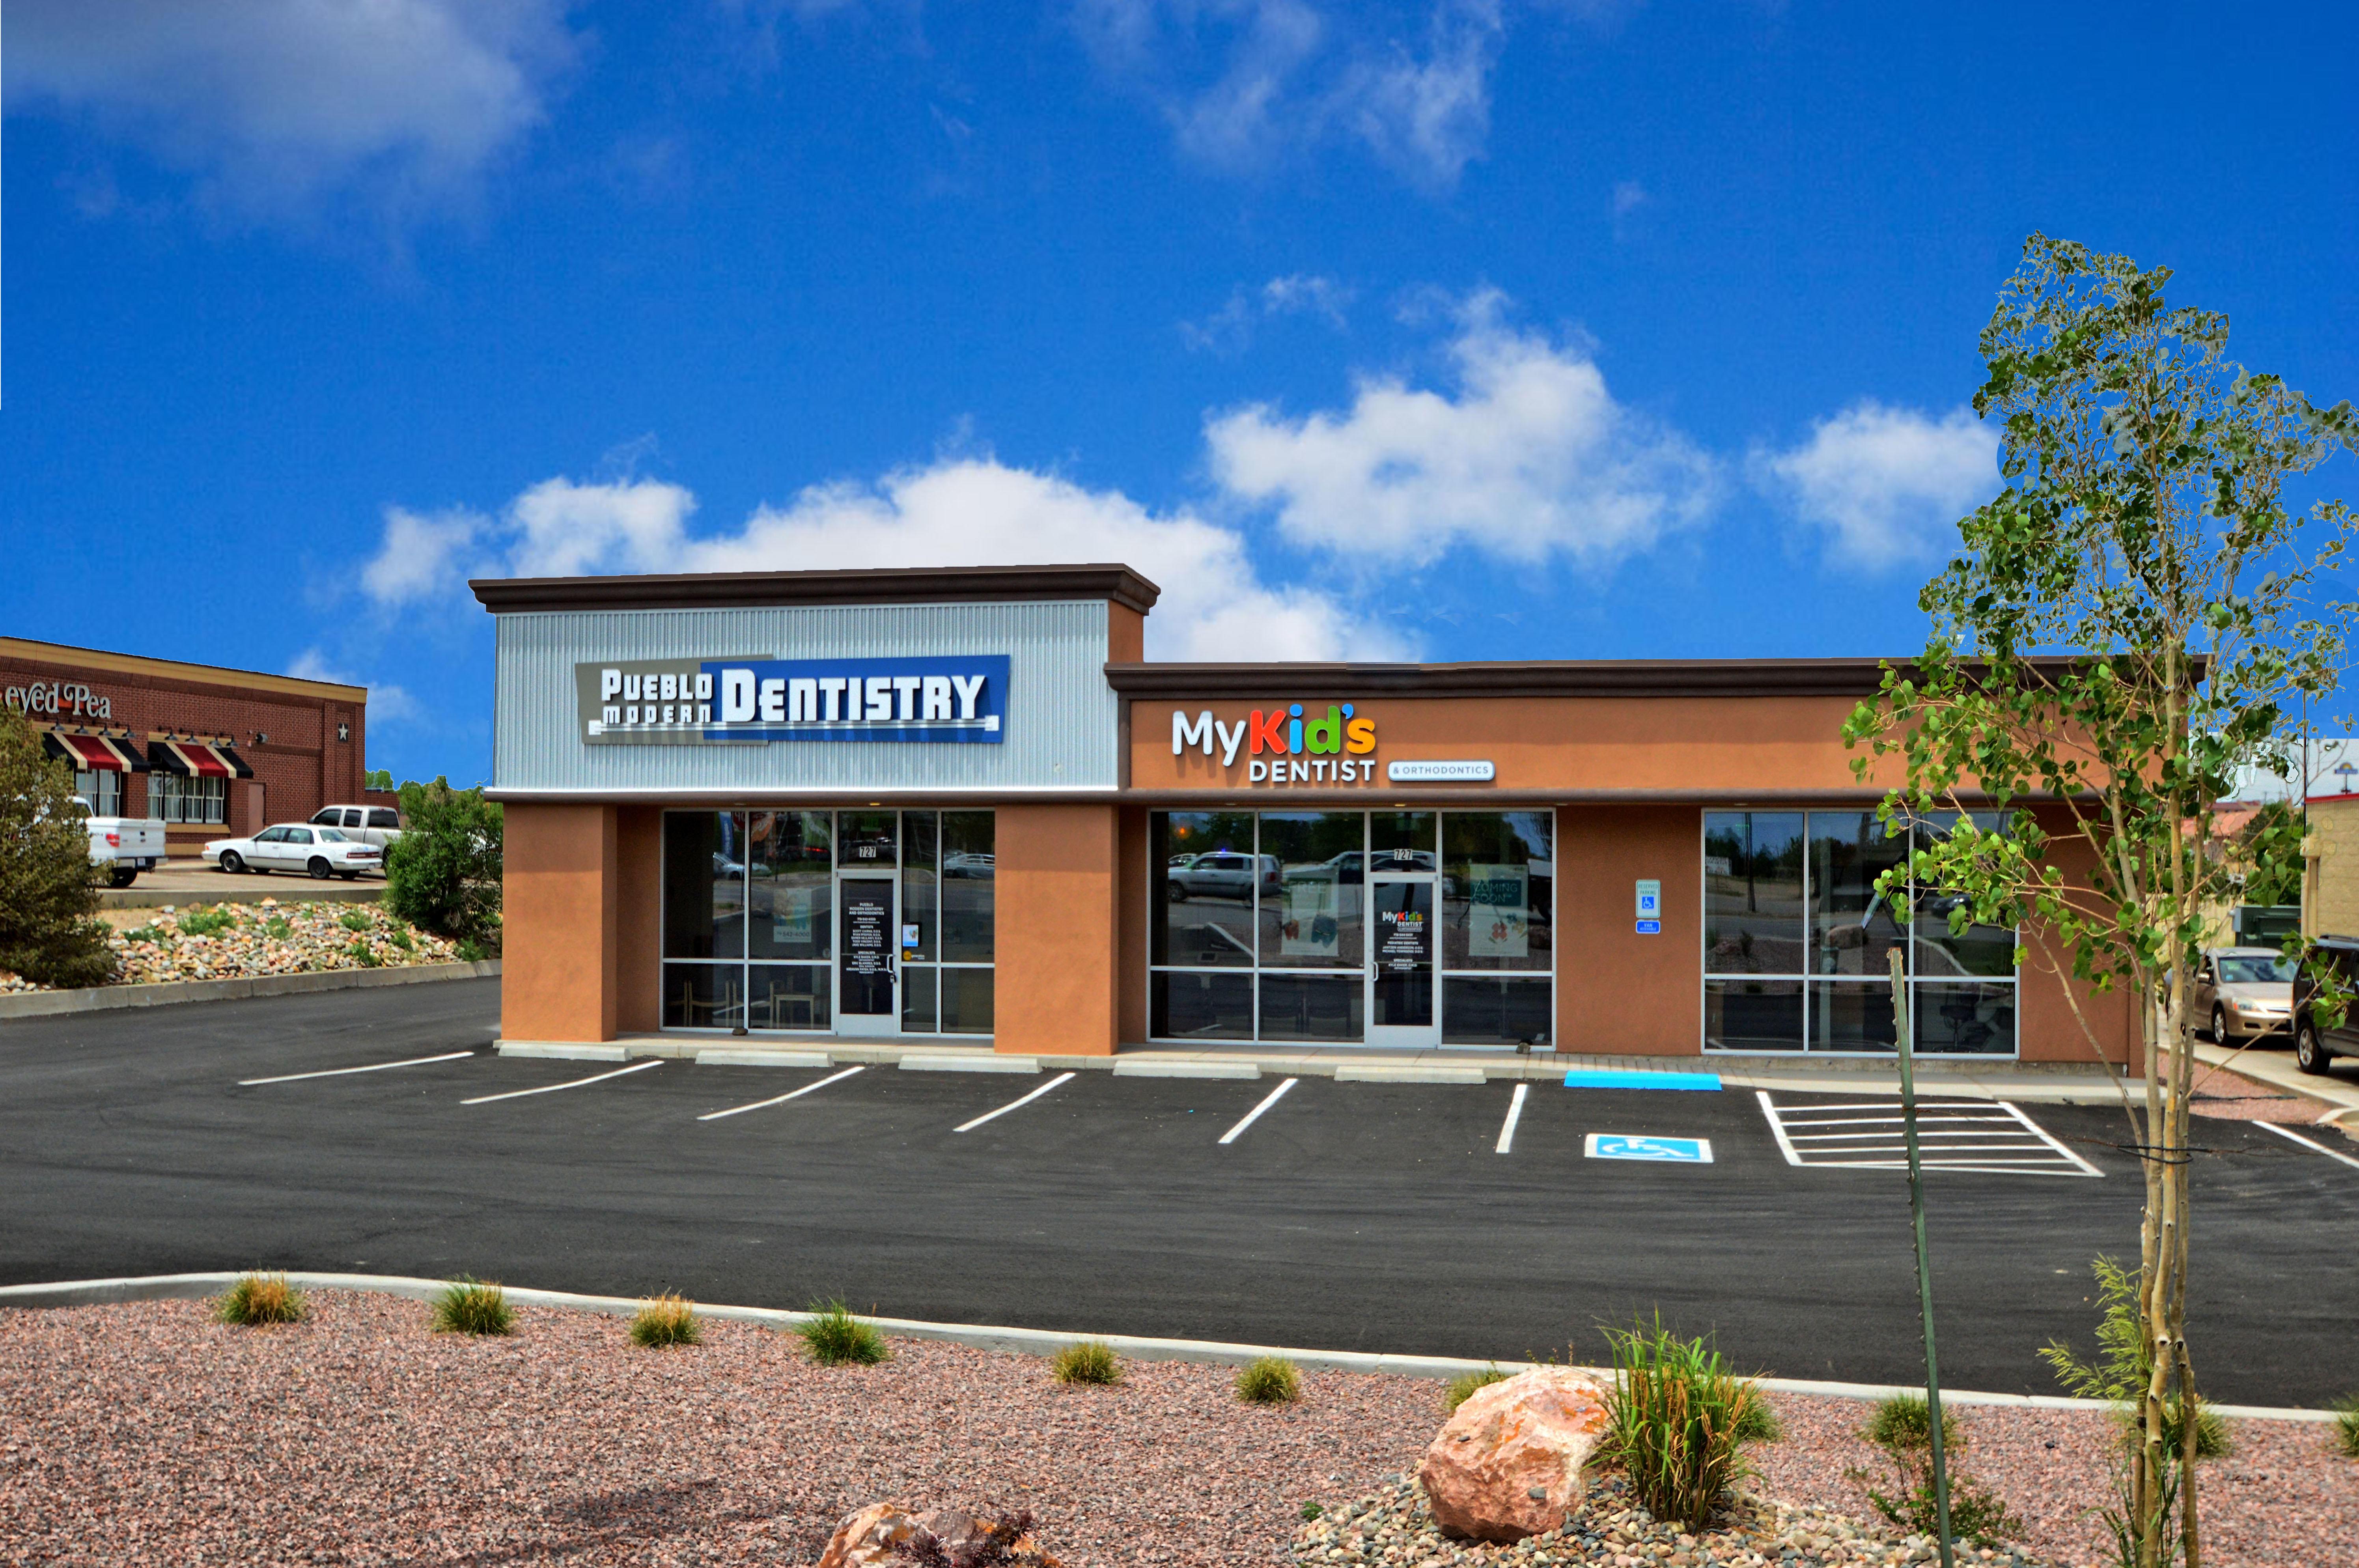 My Kid's Dentist & Orthodontics - Closed